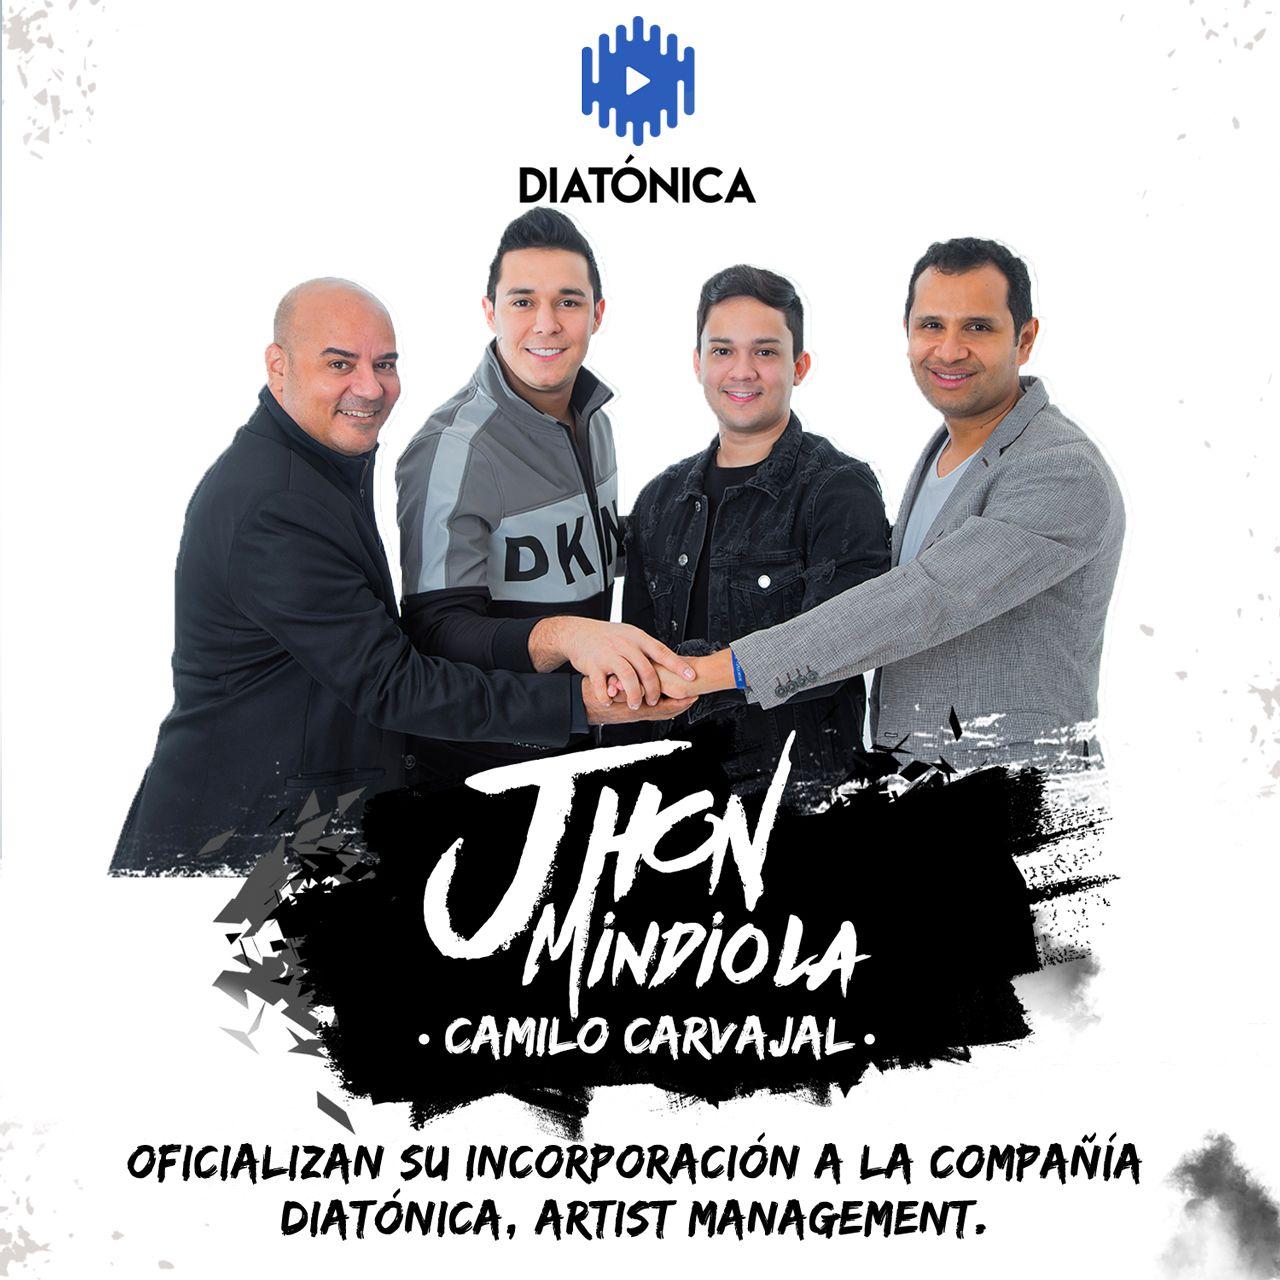 Jhon Mindiola y Camilo Carvajal artistas Diatonica